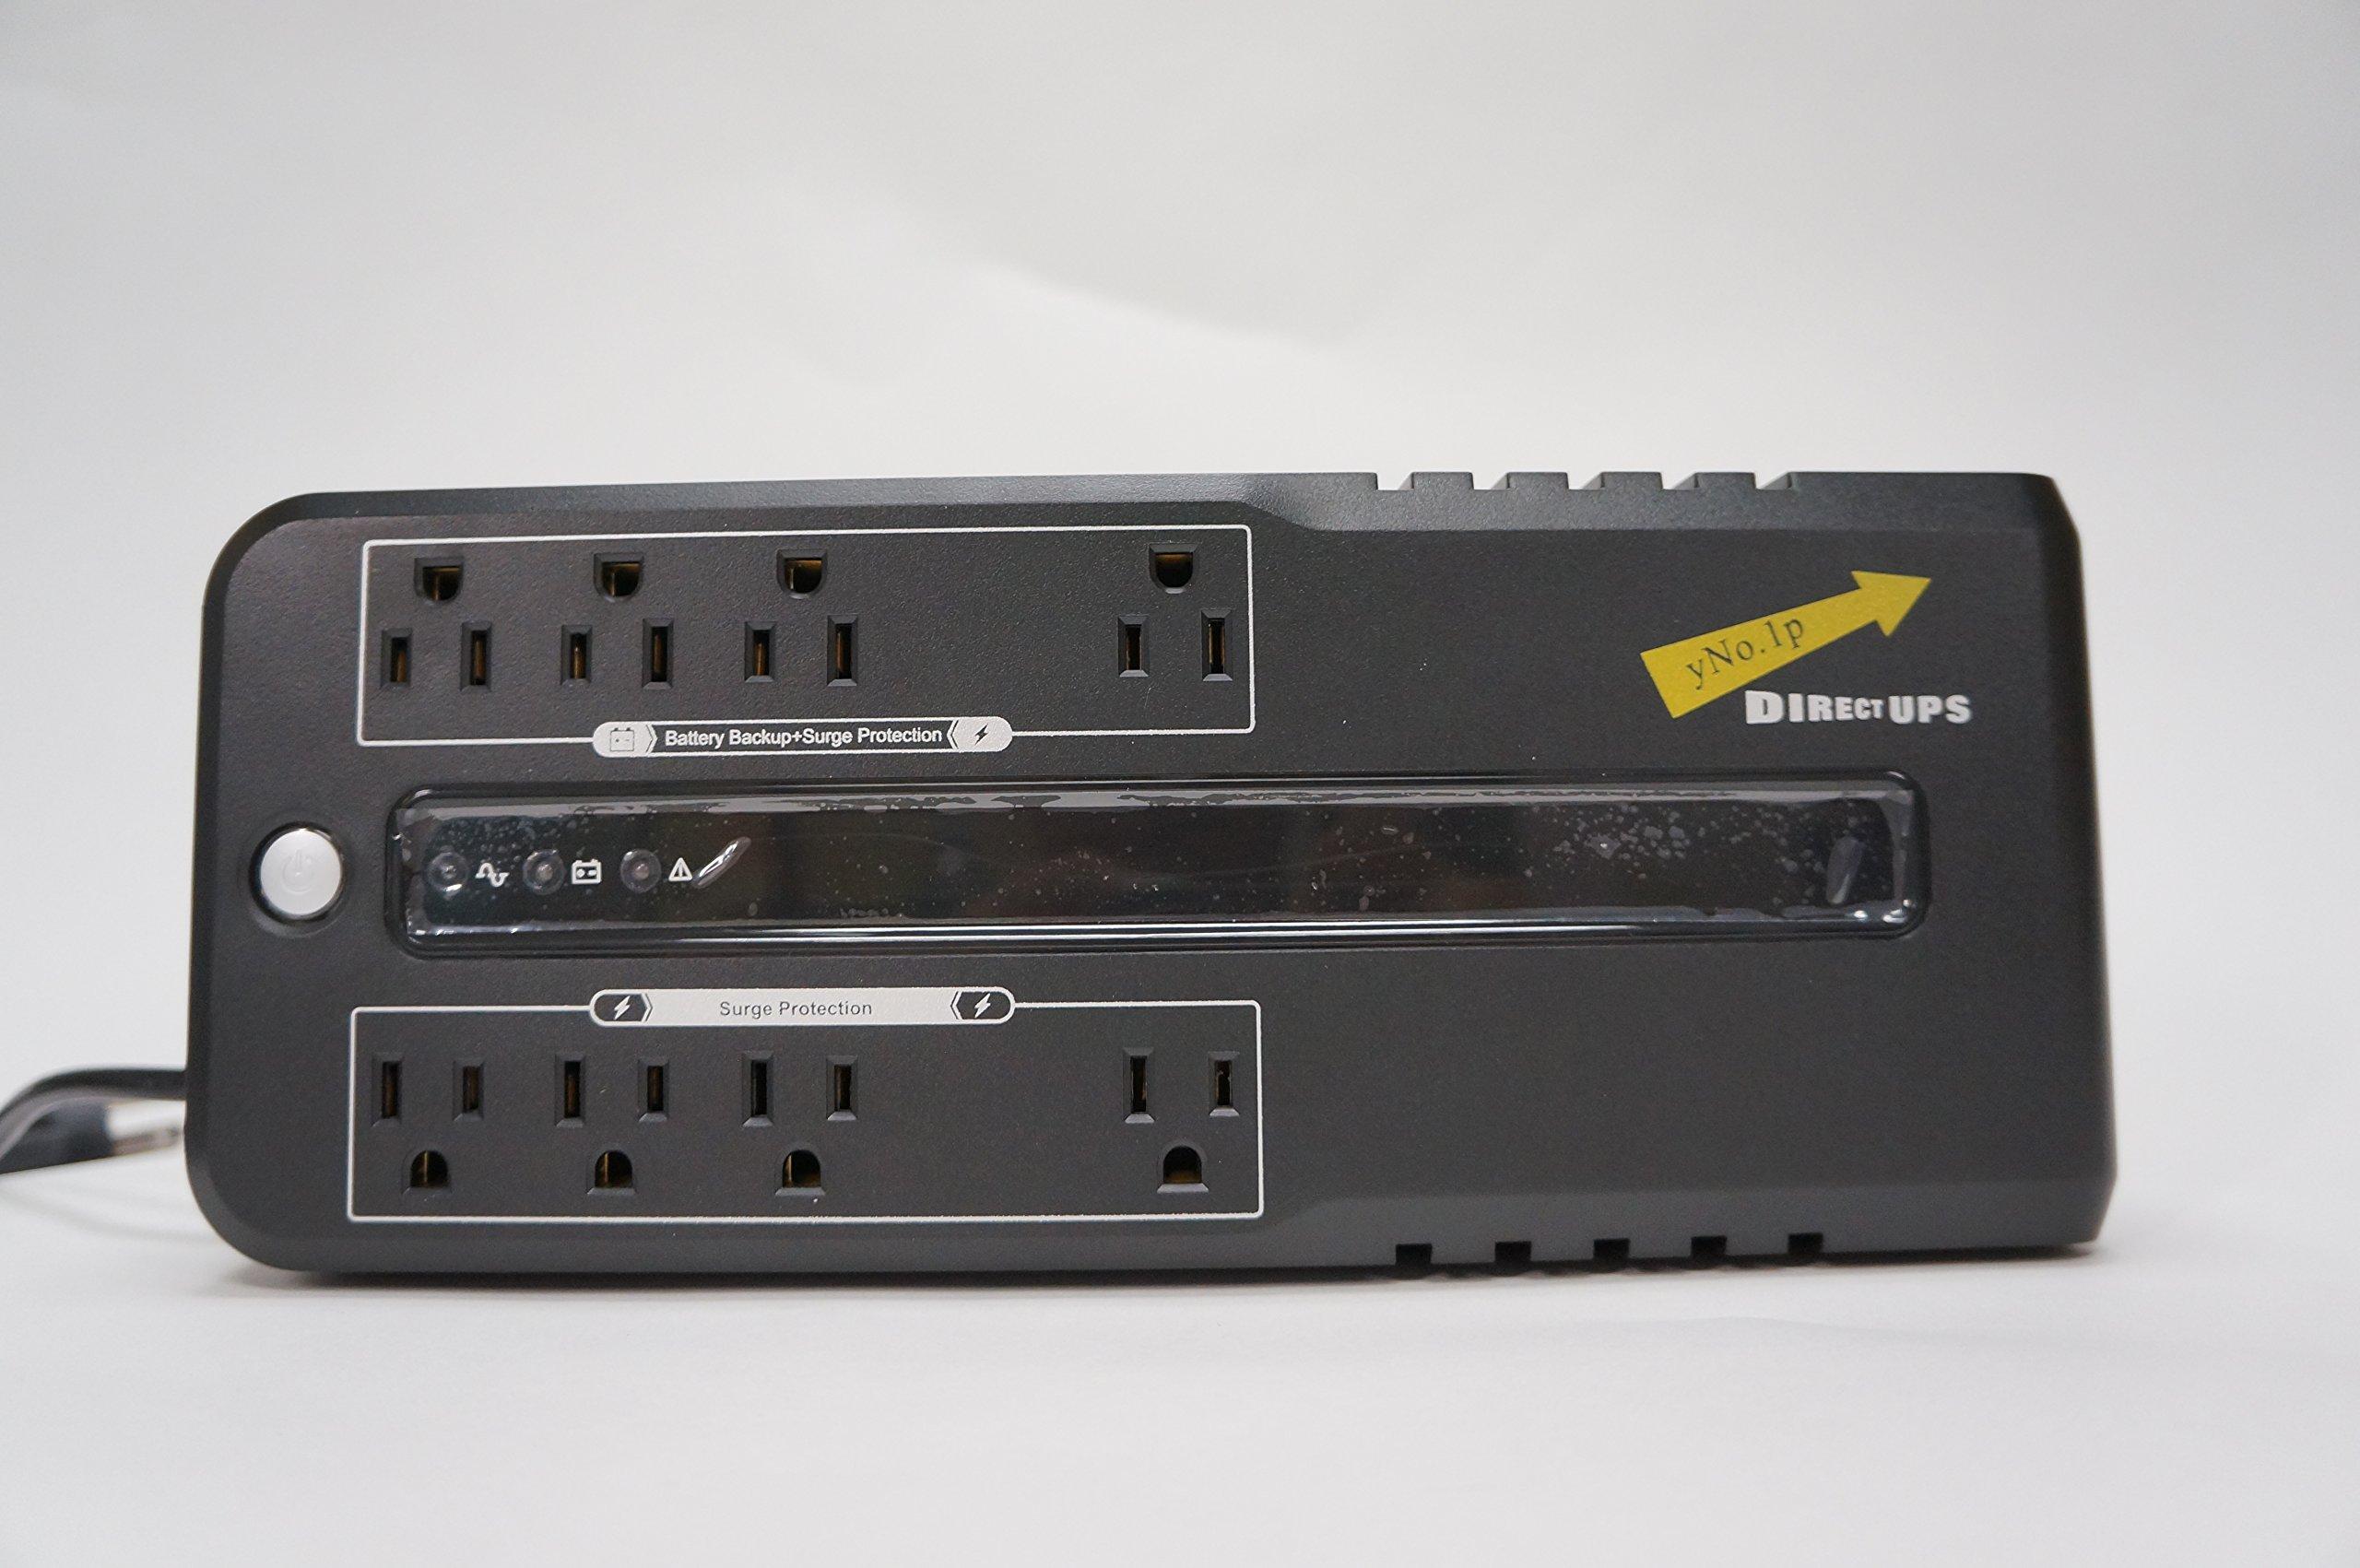 DIRECT UPS XP400 Direct UPS 400va off line UPS XP400/SO4